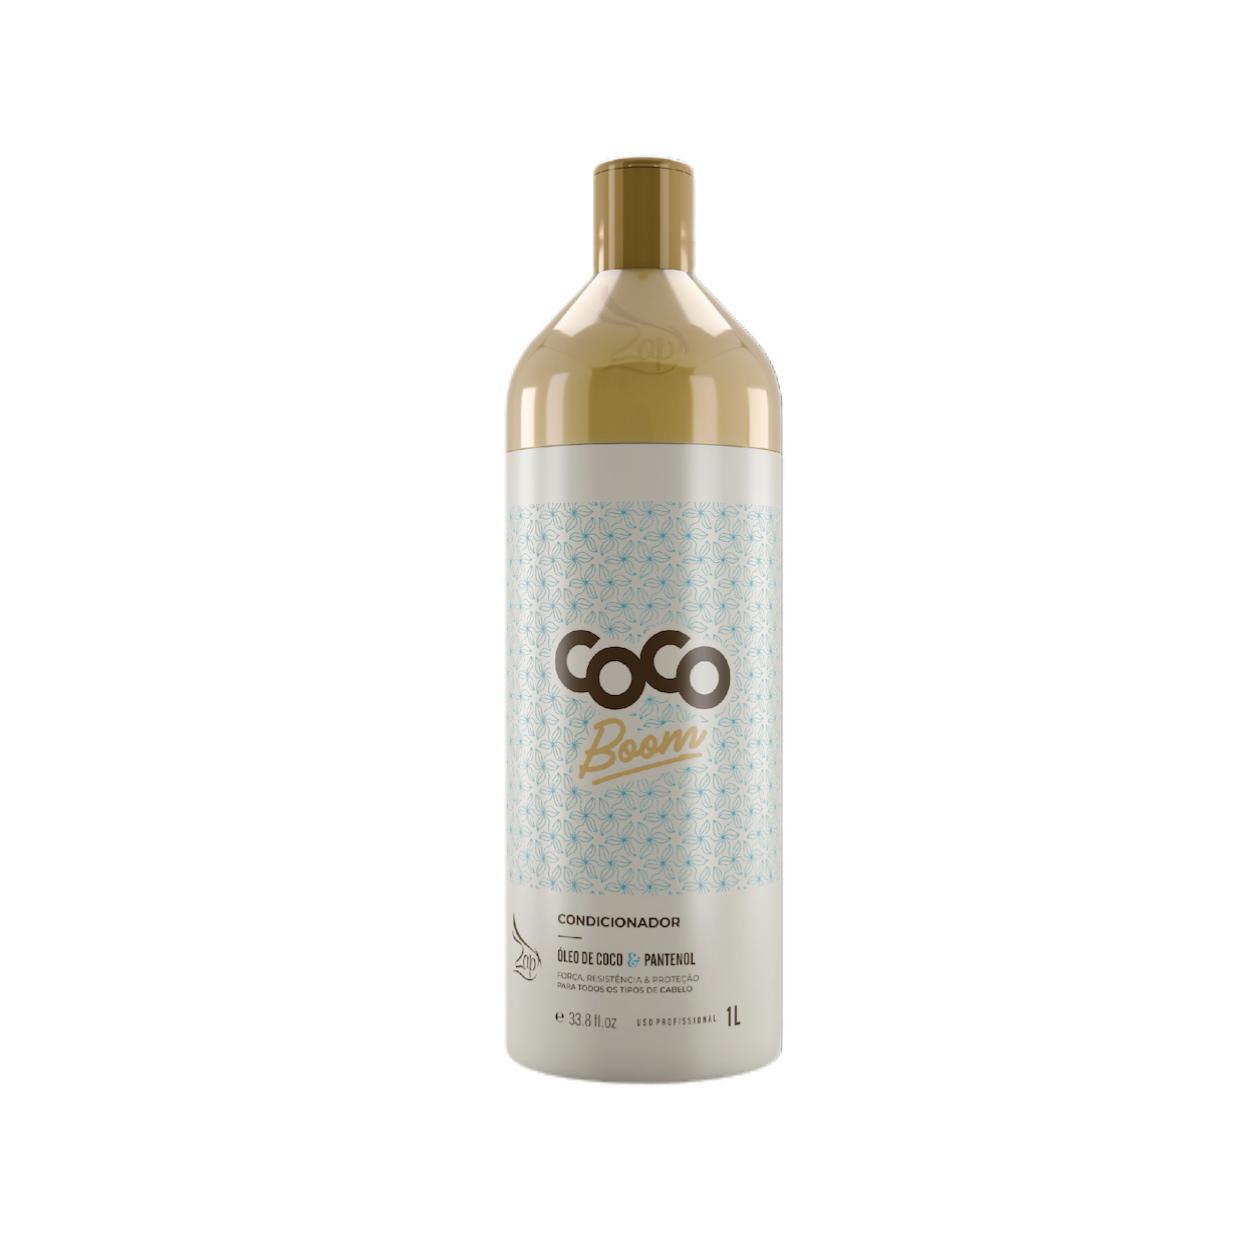 Zap Coco Boom Lavatorio Profissional 1L Condicionador